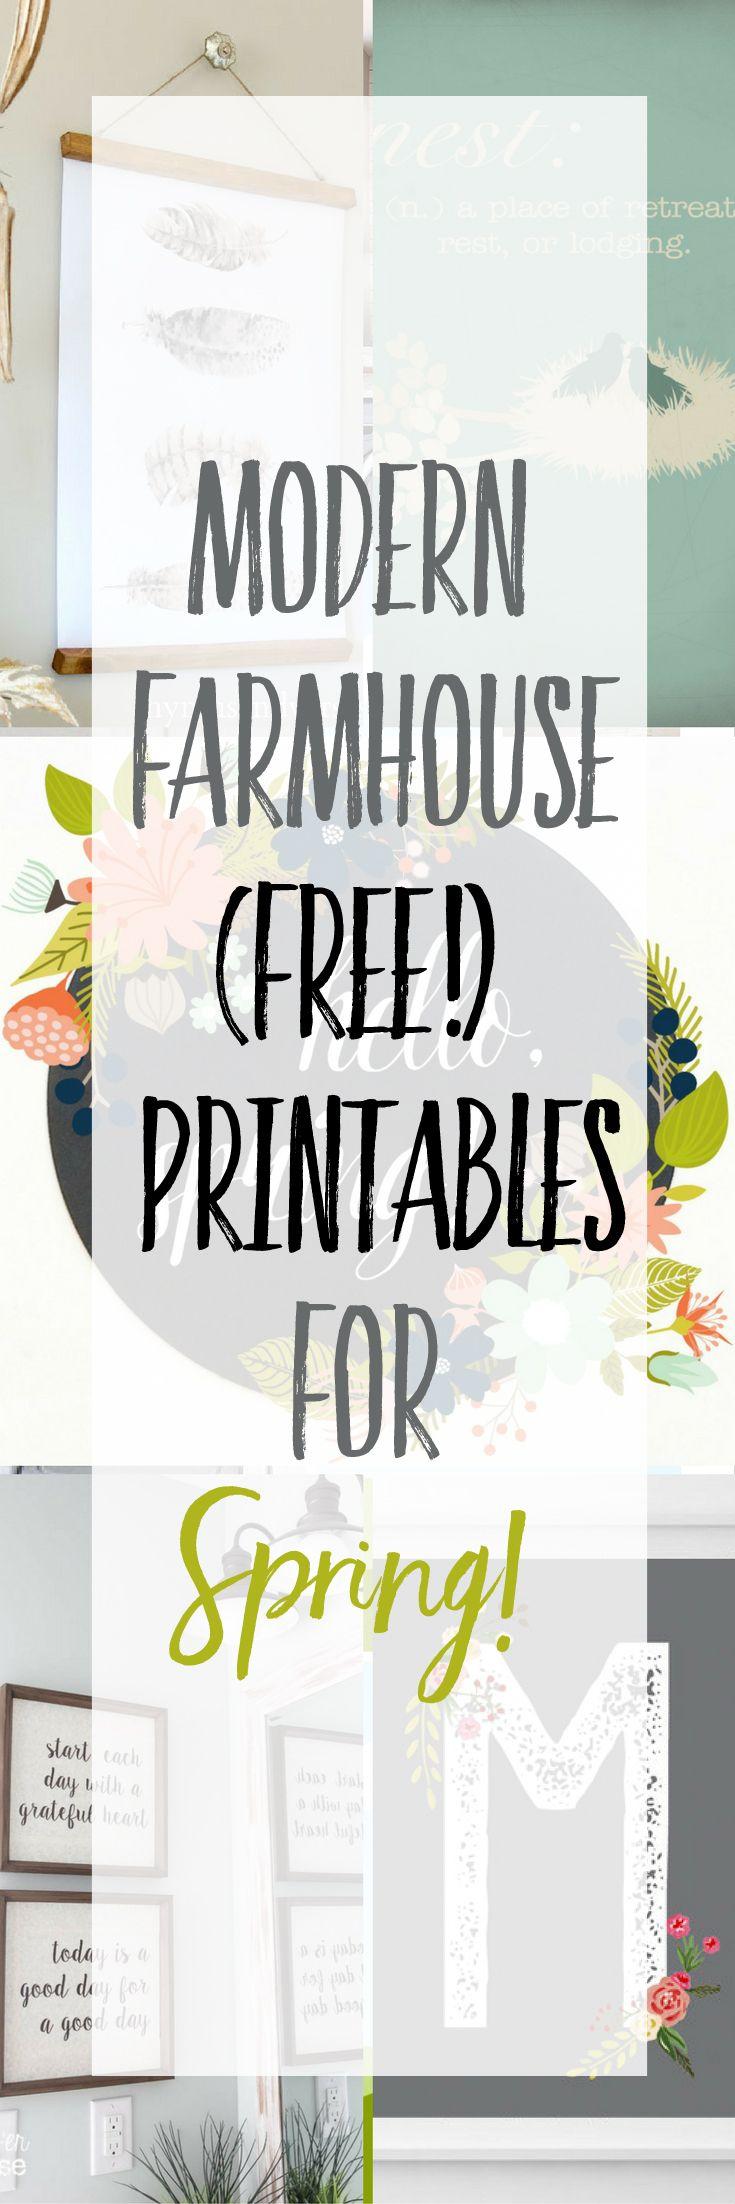 25+ best farmhouse cafe ideas on pinterest | country farmhouse